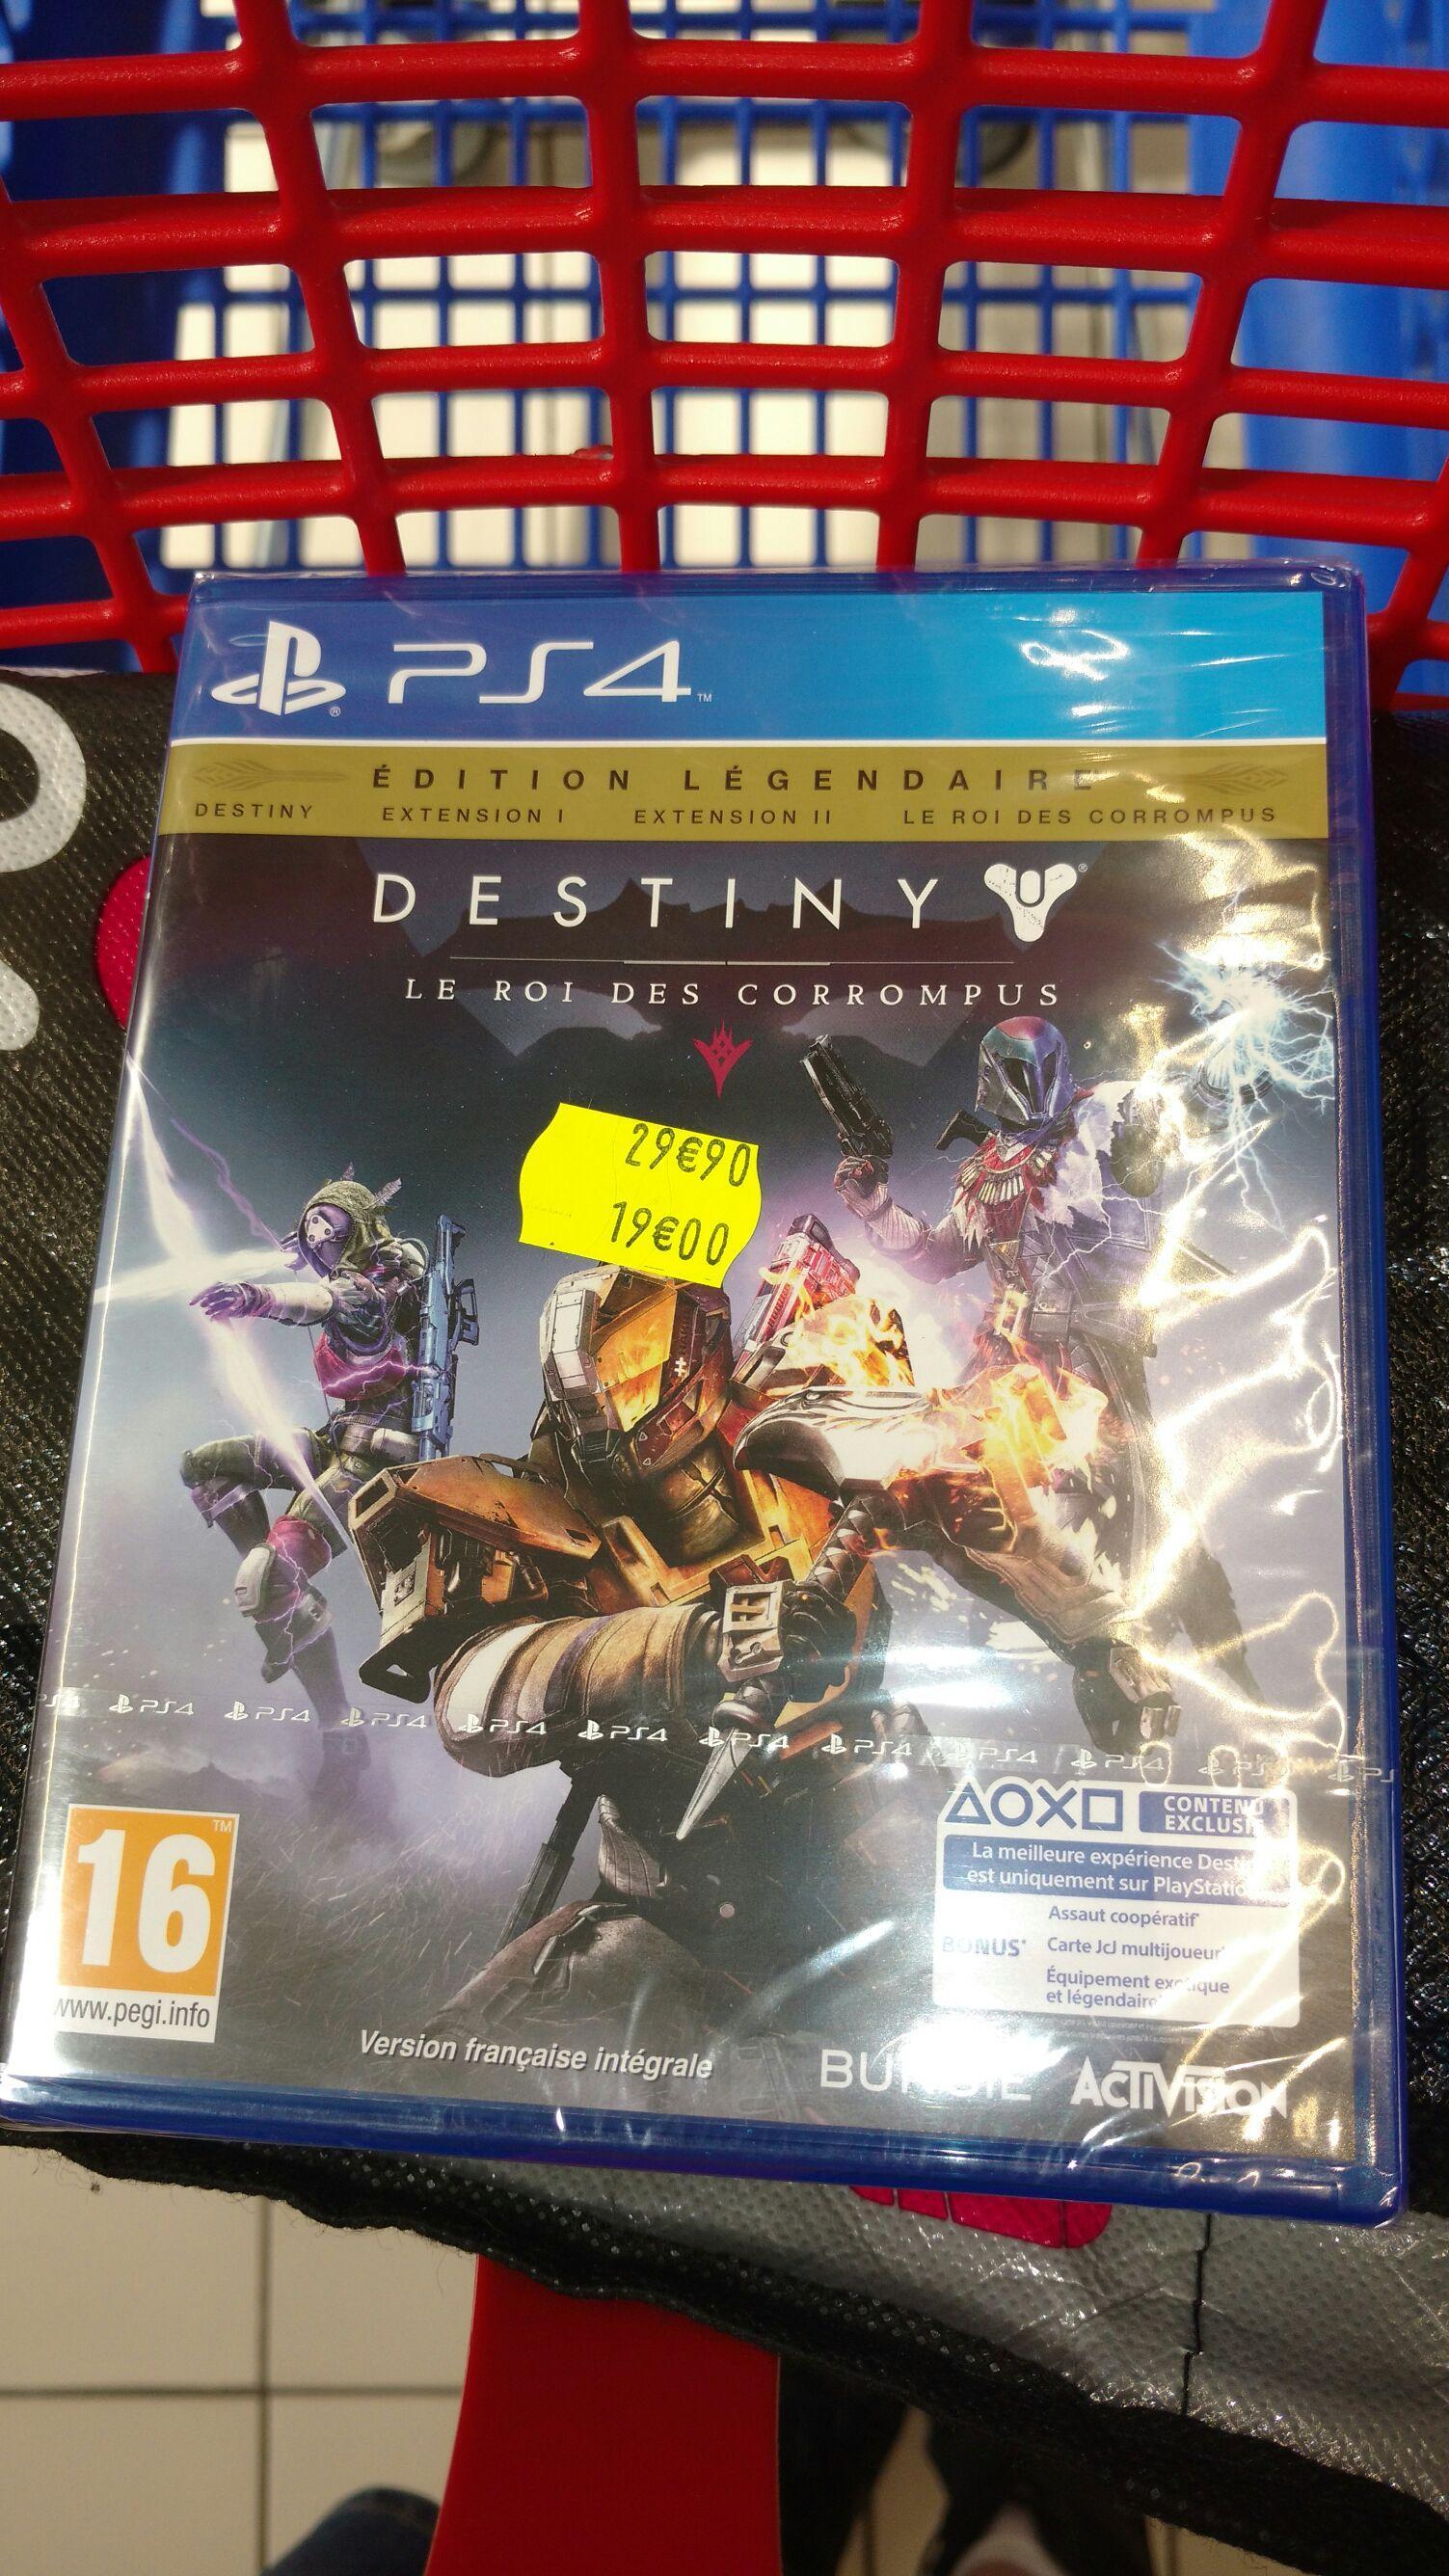 Destiny Le Roi Des Corrompus sur PS4